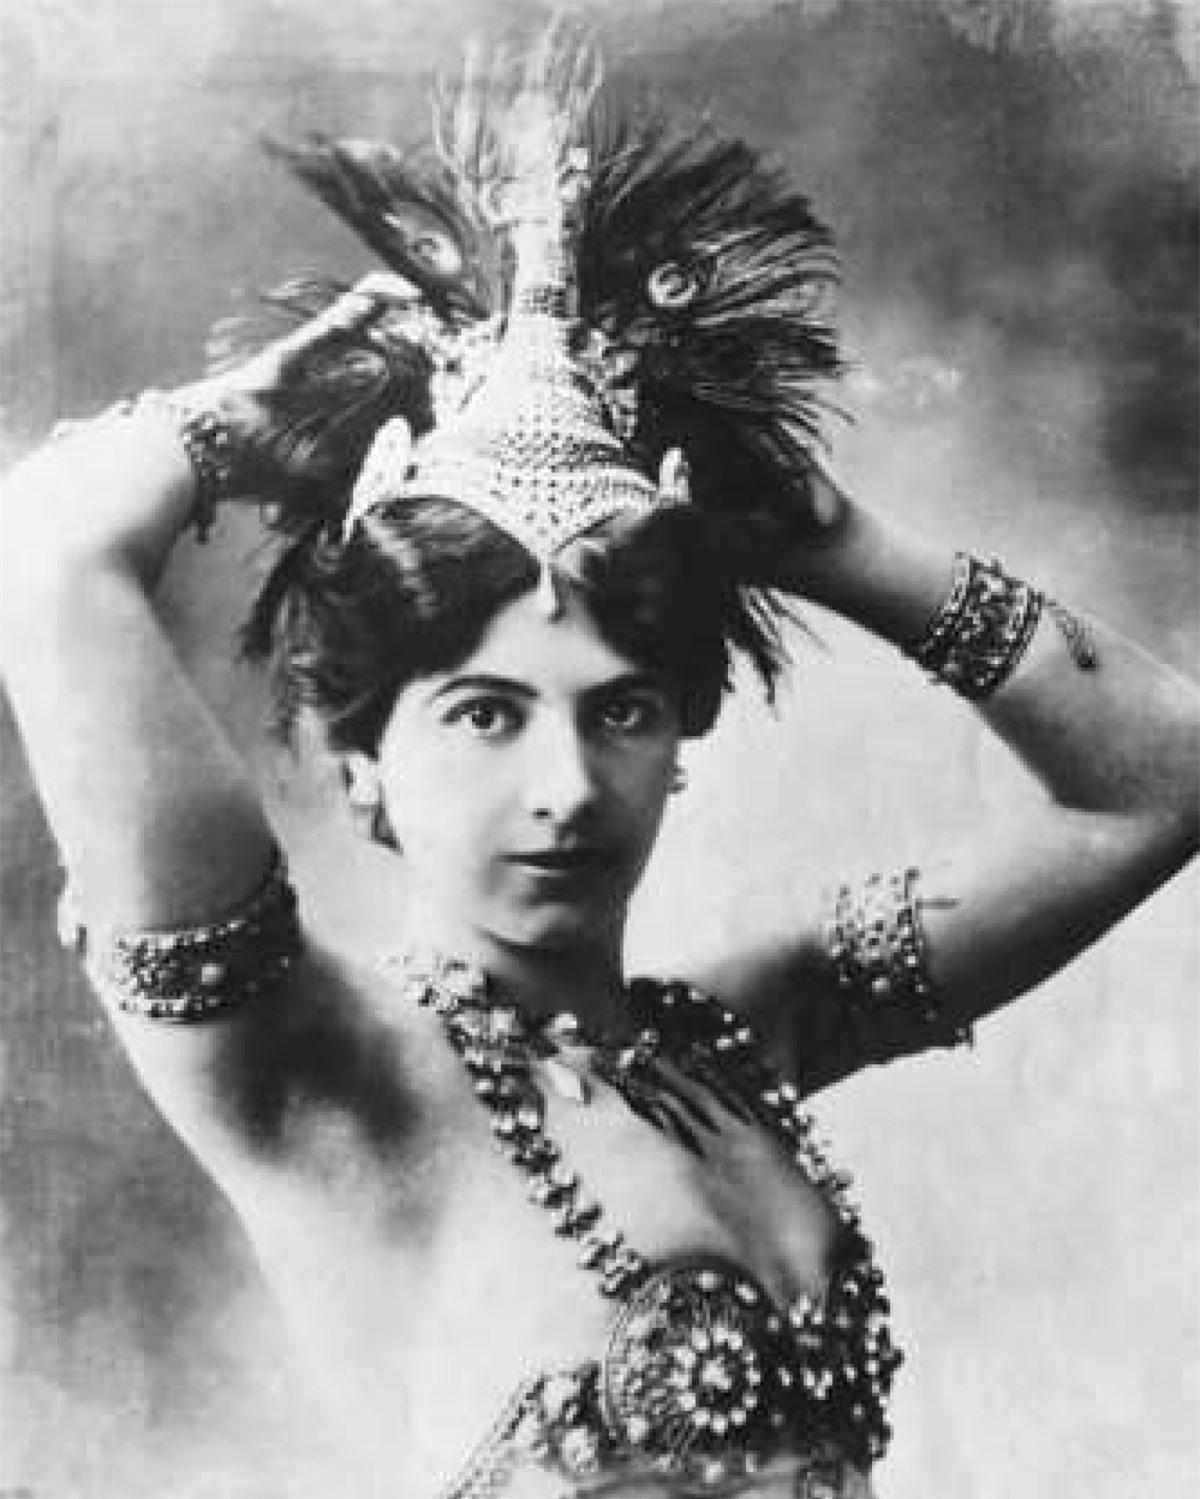 Mata Hari (1876–1917): Mata Hari, sinh ra tại thị trấn Leyvarden ở Hà Lan, là một vũ nữ nổi tiếng khắp Paris hoa lệ với những điệu nhảy tốn nhiều giấy mực của các nhà phê bình nghệ thuật. Trong suốt Thế chiến I, Mata Hari được cho là có nhiệm vụ thu thập tin tức có liên quan đến hoạt động quân sự của Pháp ở Paris và các khu vực chiến lược quan trọng rồi thông báo cho cơ quan tình báo Đức. Năm 1917, cô bị Pháp xử bắn và qua đời ở tuổi 41.